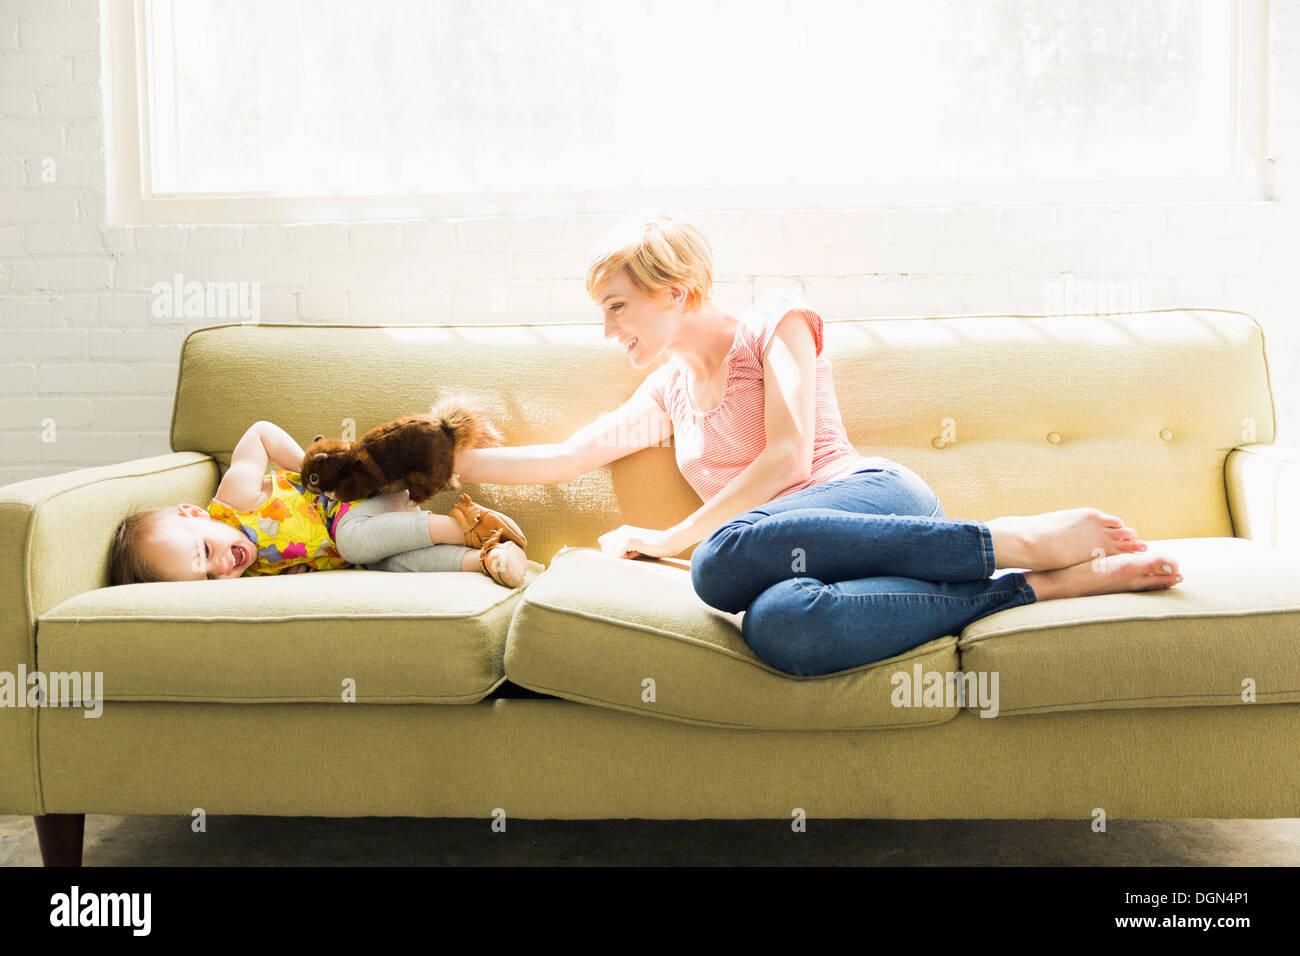 La madre gioca con la nostra bambina (12-17 mesi) Immagini Stock